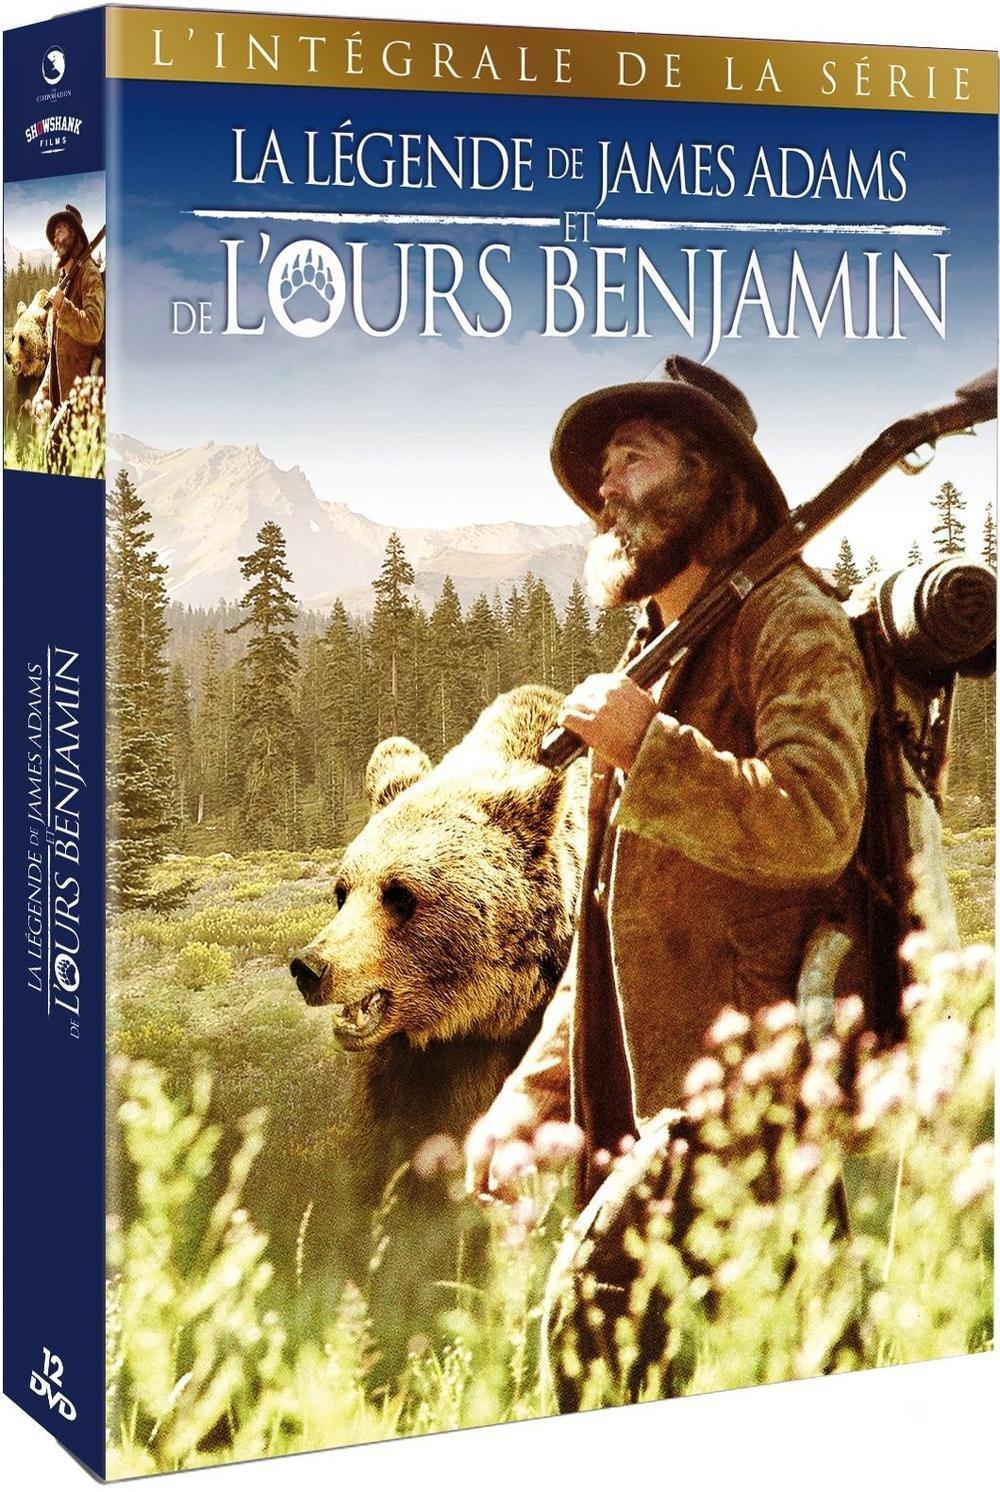 Coffret DVD Intégrale La légende de James Adams et l'ours Benjamin